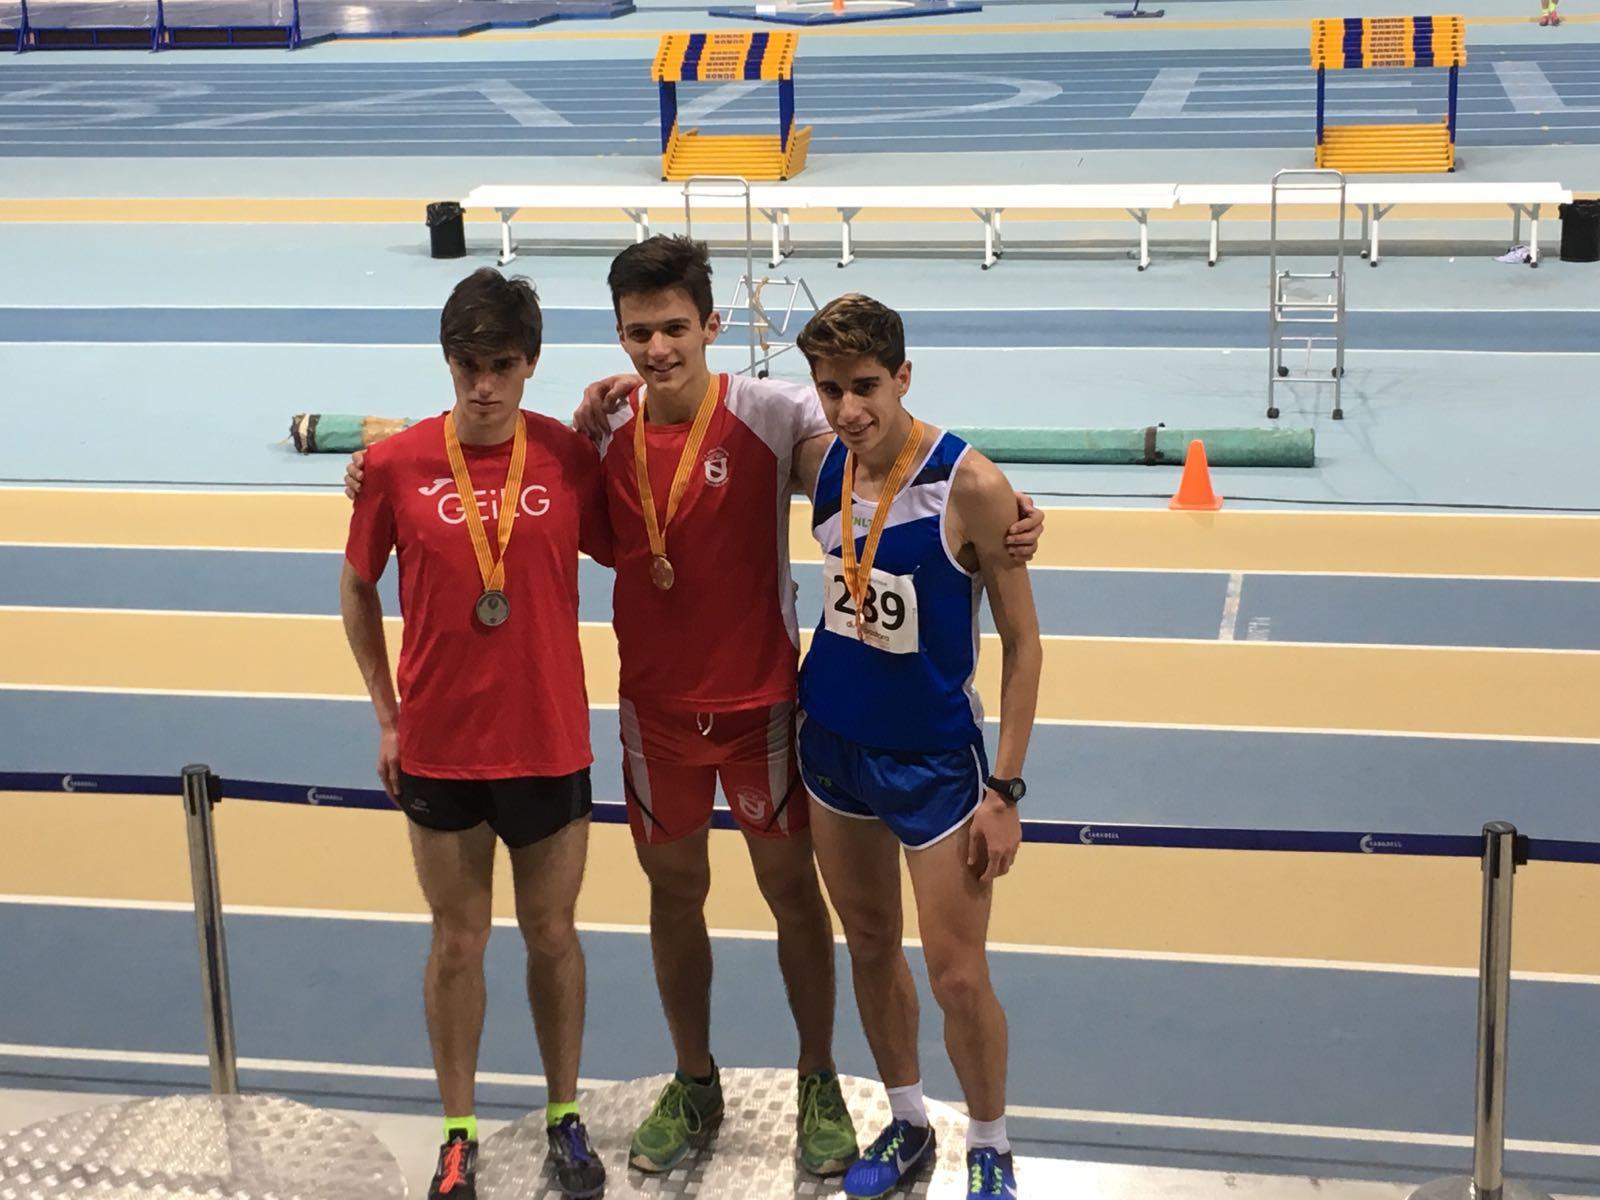 Campió de Catalunya Juvenil de Pista Coberta de 800 m.ll. 2017